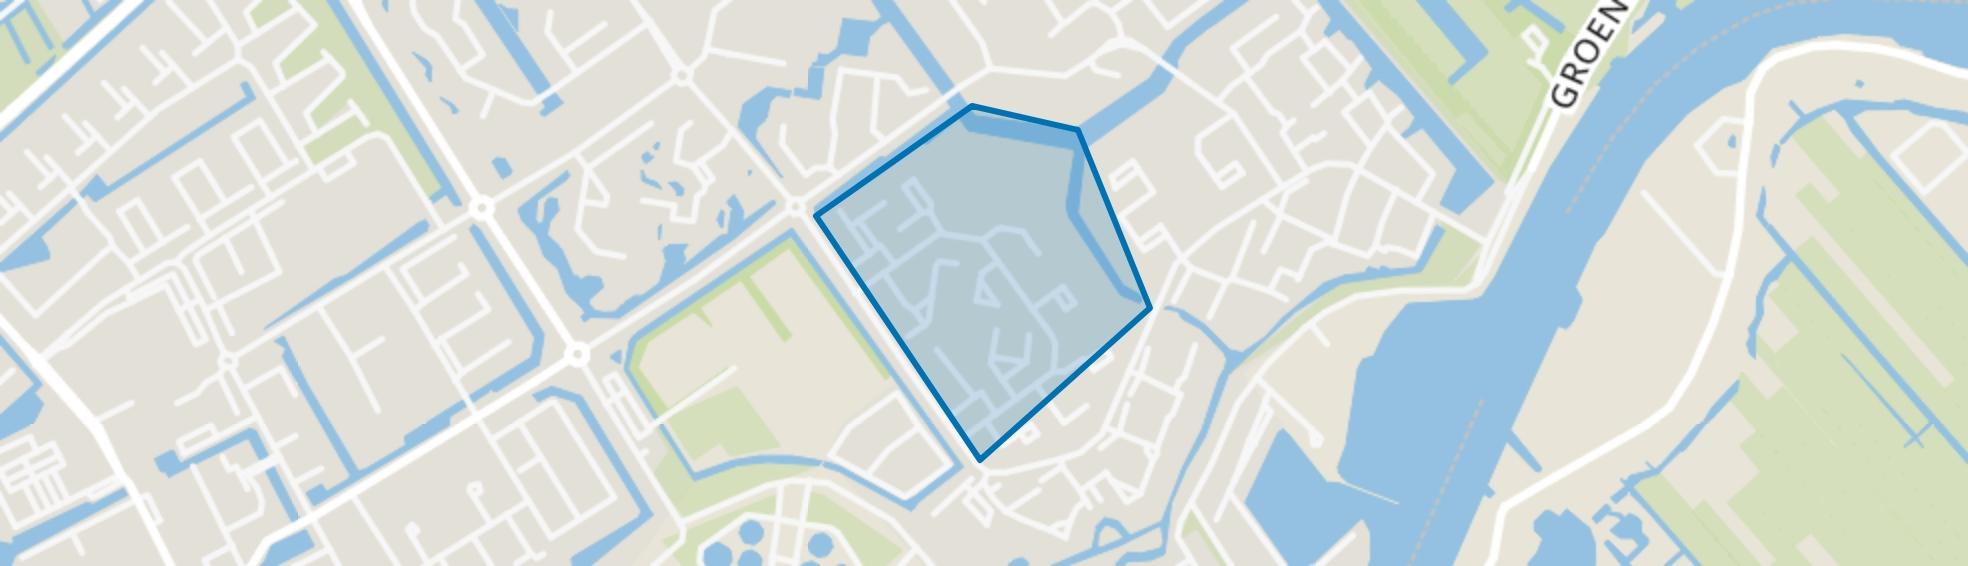 Eilandenbuurt, Capelle aan den IJssel map